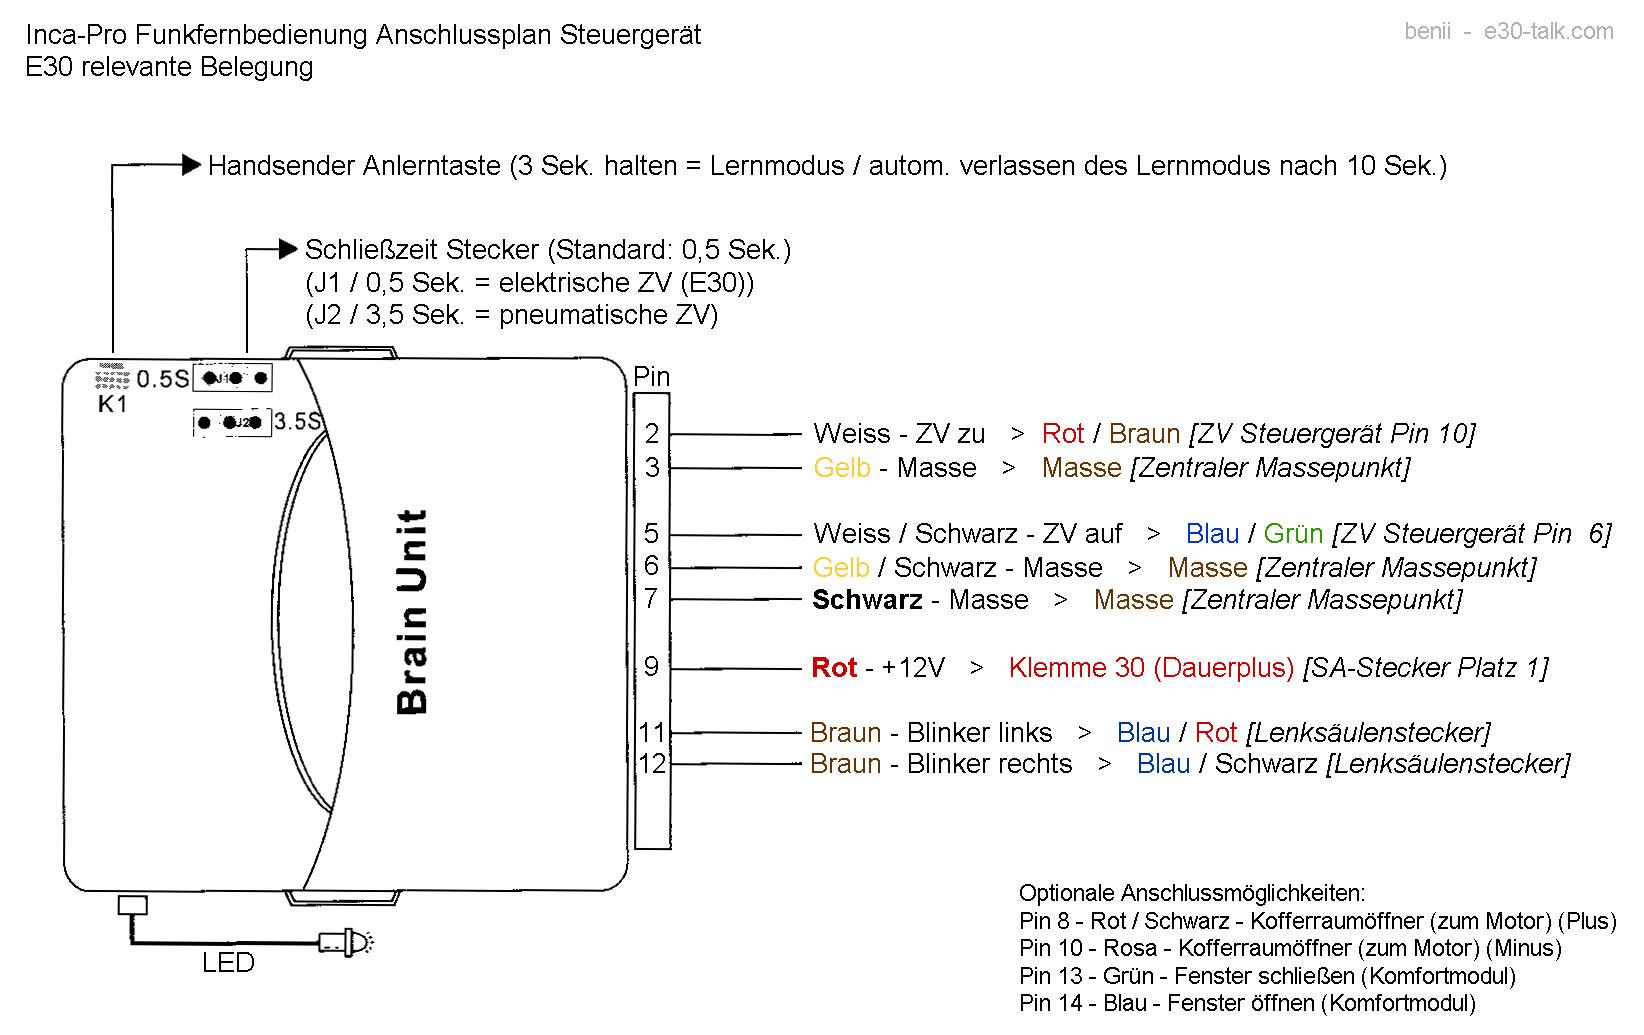 Ziemlich Bmw E30 Funkschaltplan Zeitgenössisch - Die Besten ...